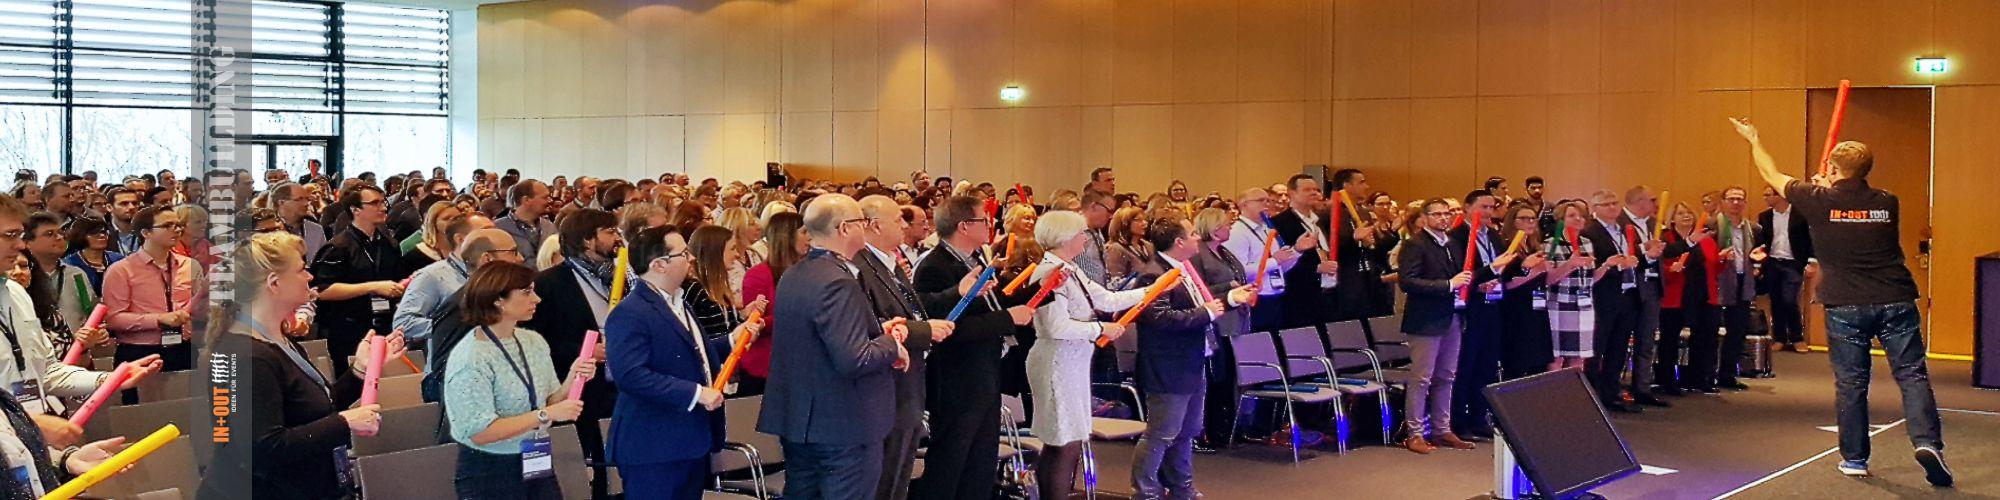 Ideen für Team Events - Bommwhacker Incentive - Lufthansa 550 Teilnehmer - Trier